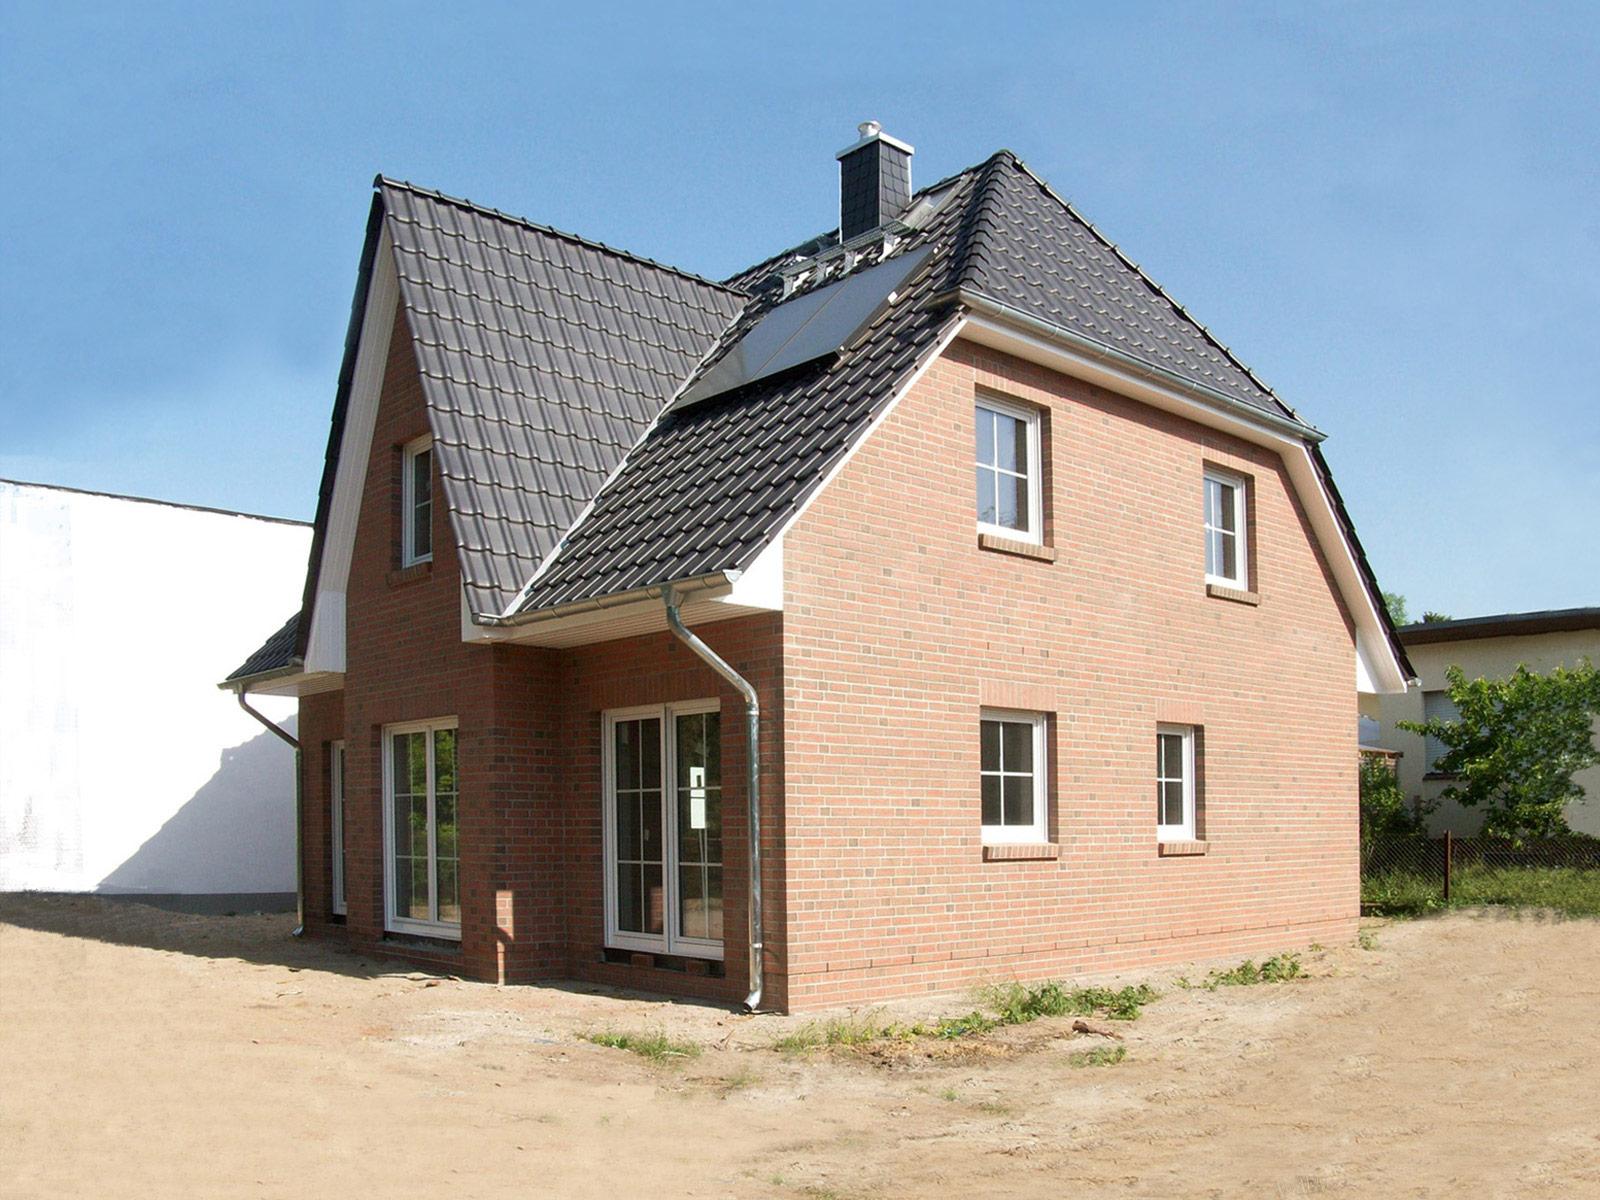 nordisch wohnen in berlin hausbesichtigung am 17 18 mai in 12524 berlin altglienicke. Black Bedroom Furniture Sets. Home Design Ideas